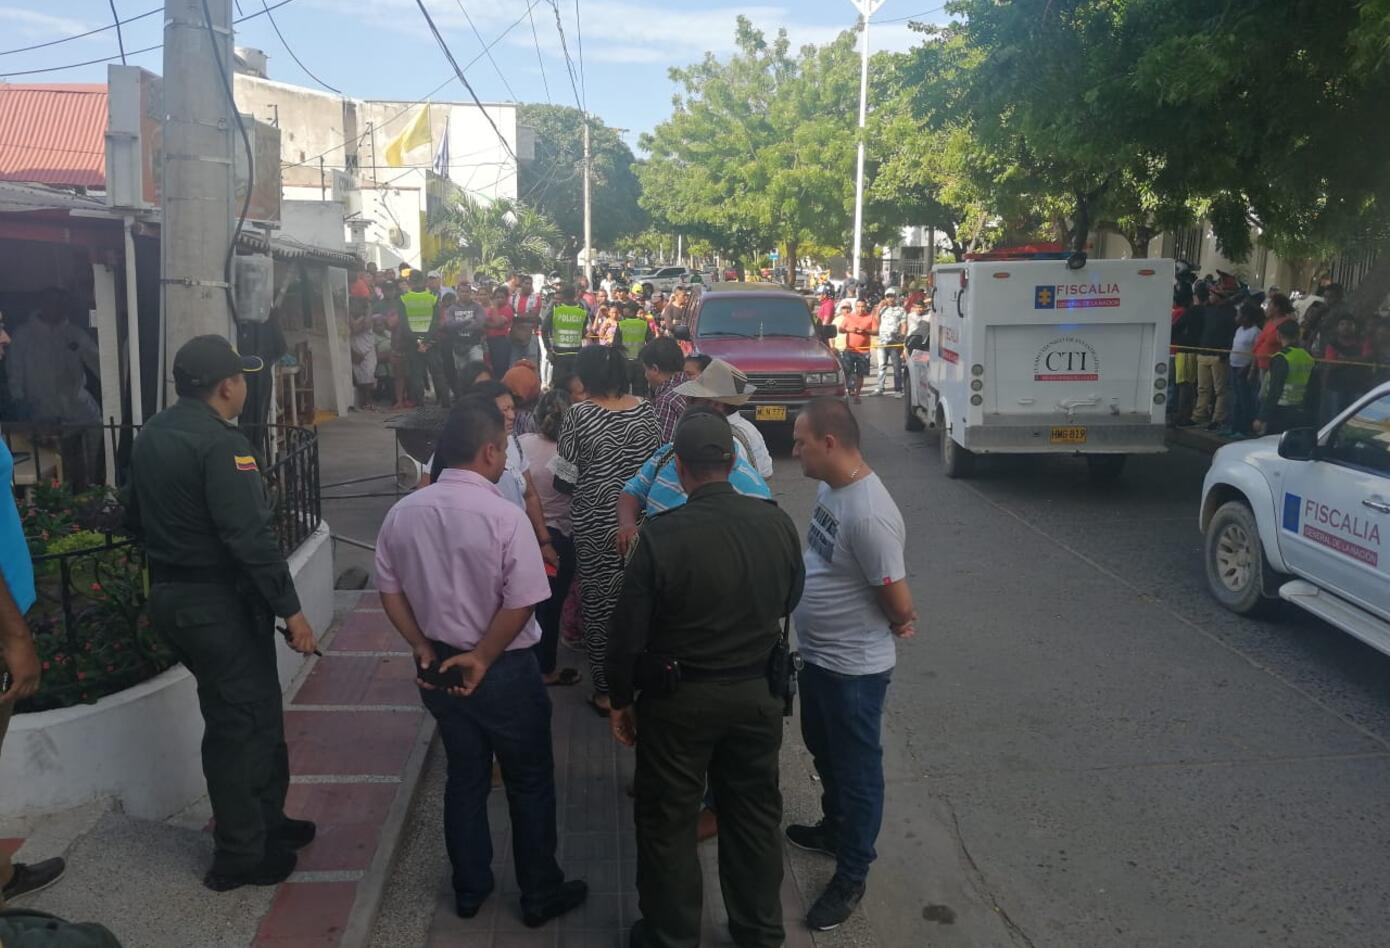 Las autoridades hablaron con los familiares para permitir los actos urgentes